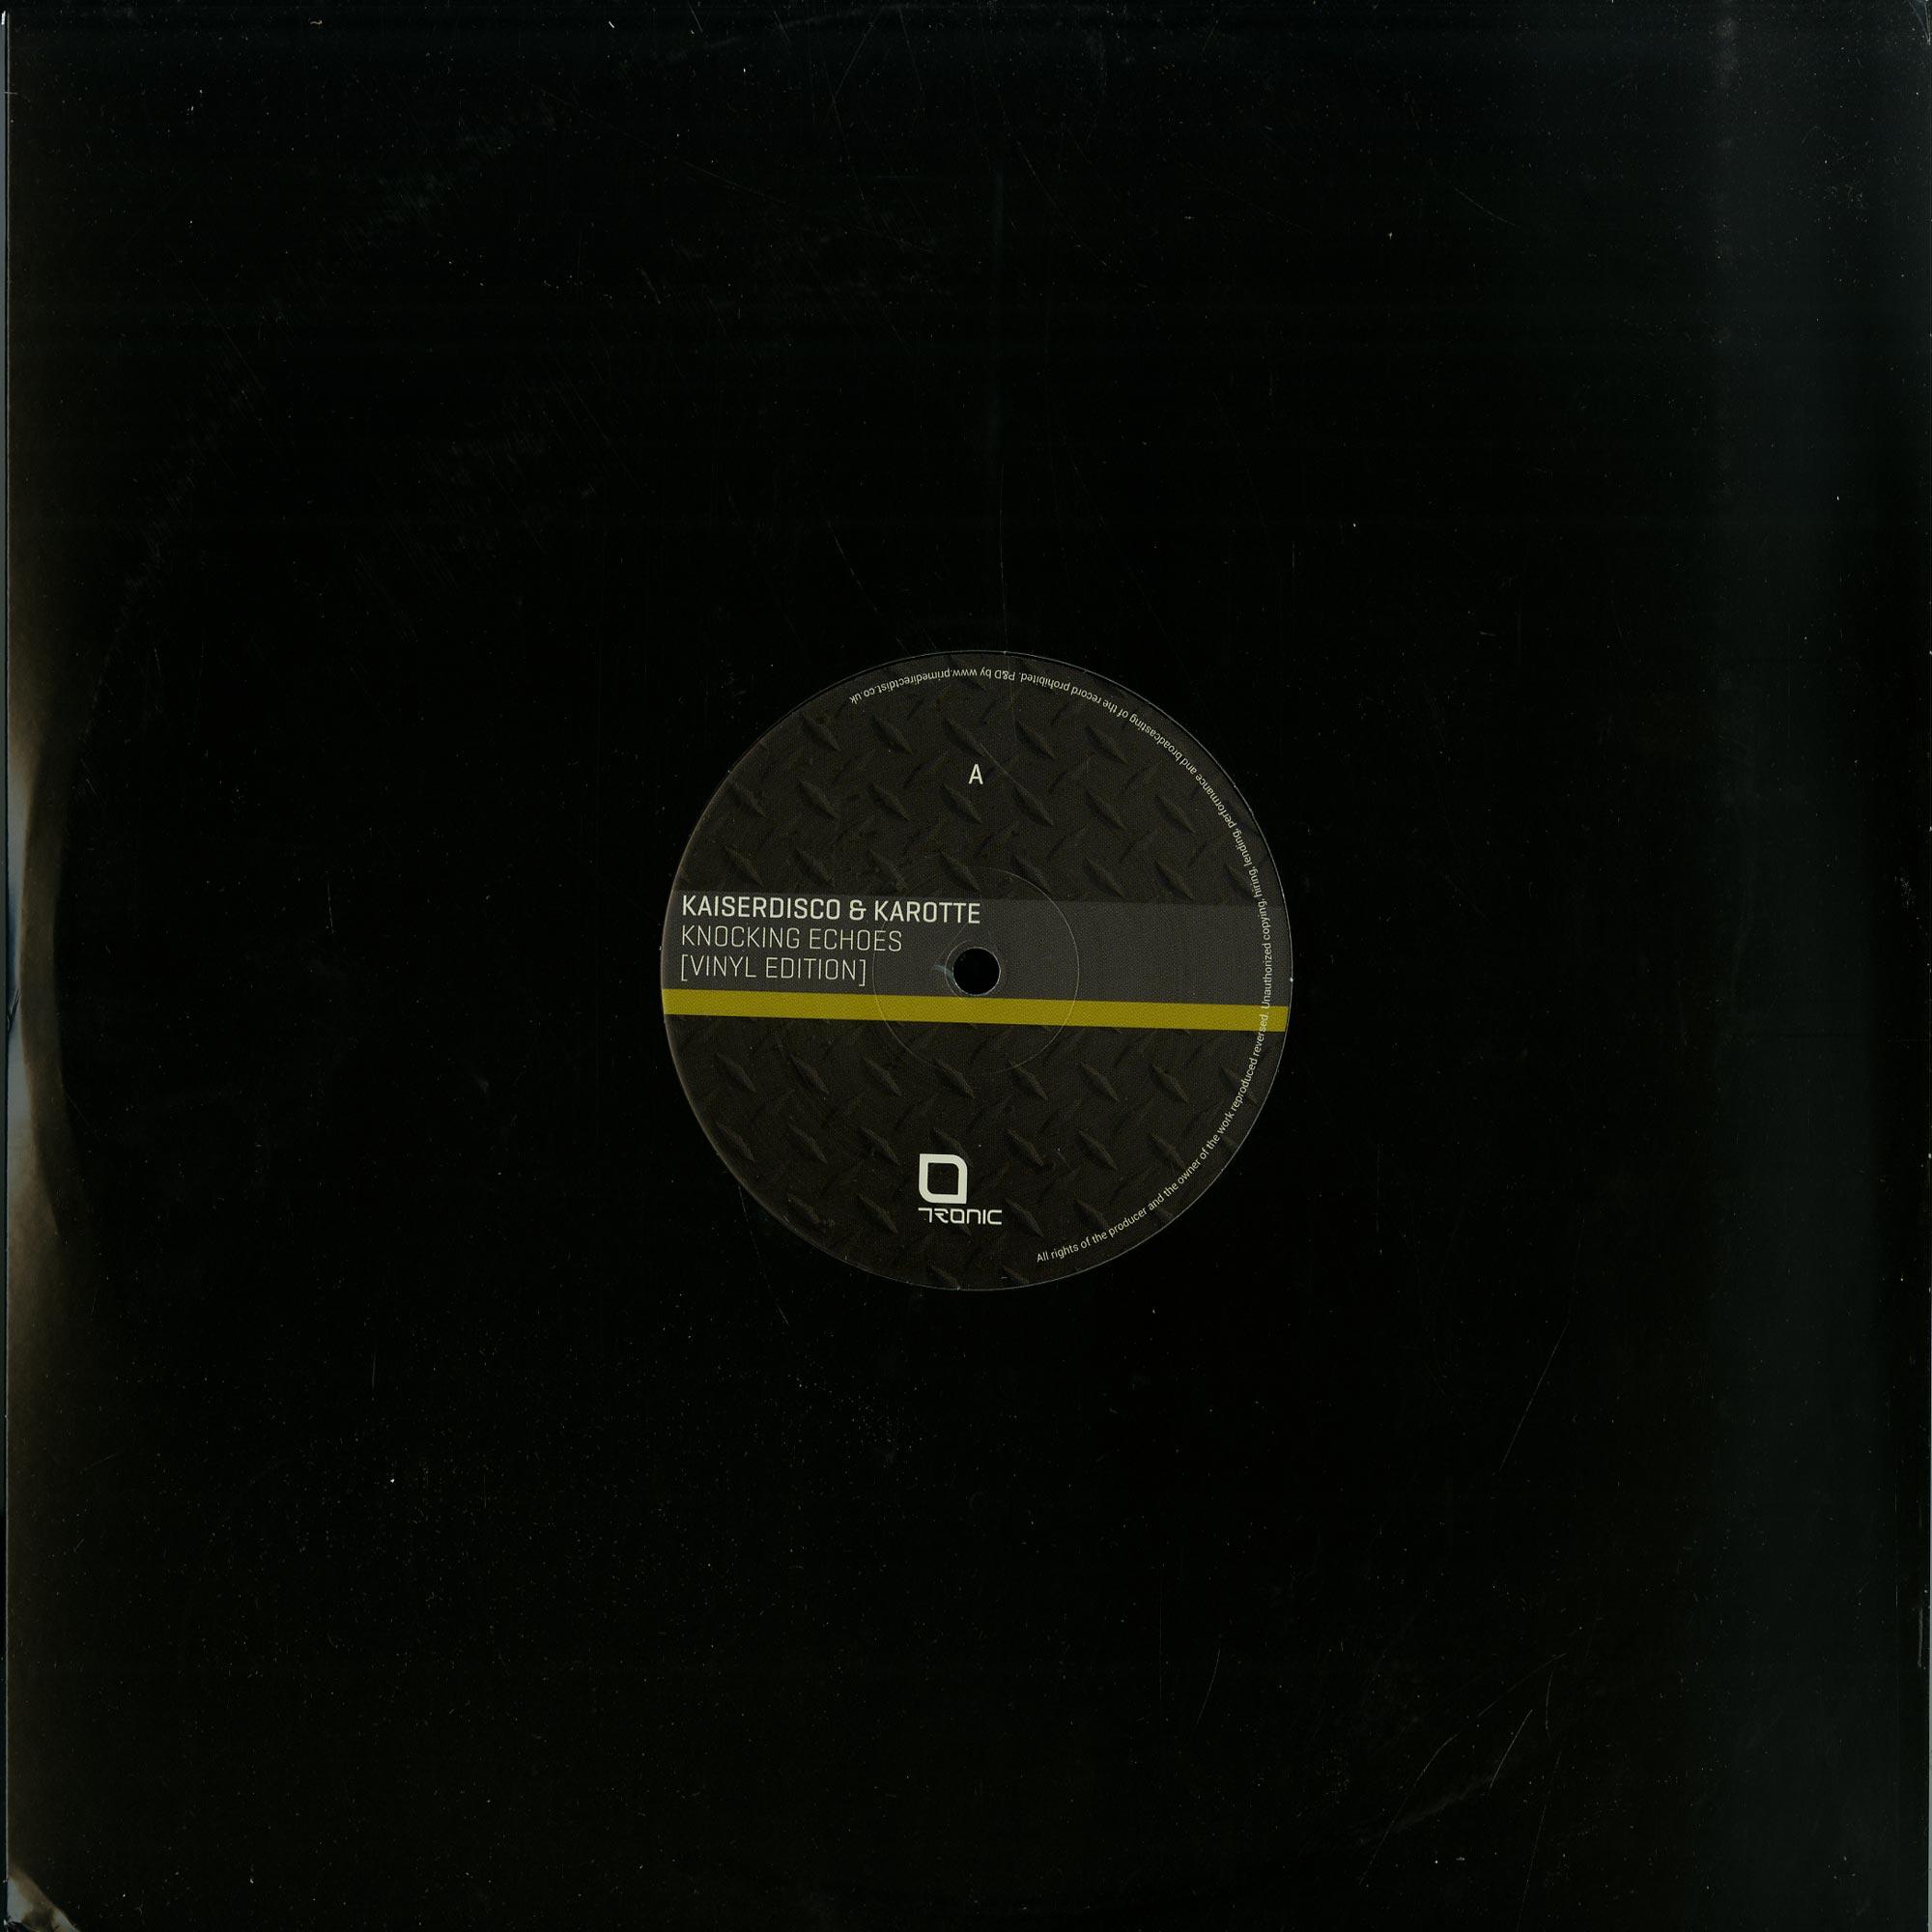 Kaiserdisco & Karotte - Knocking Echoes EP